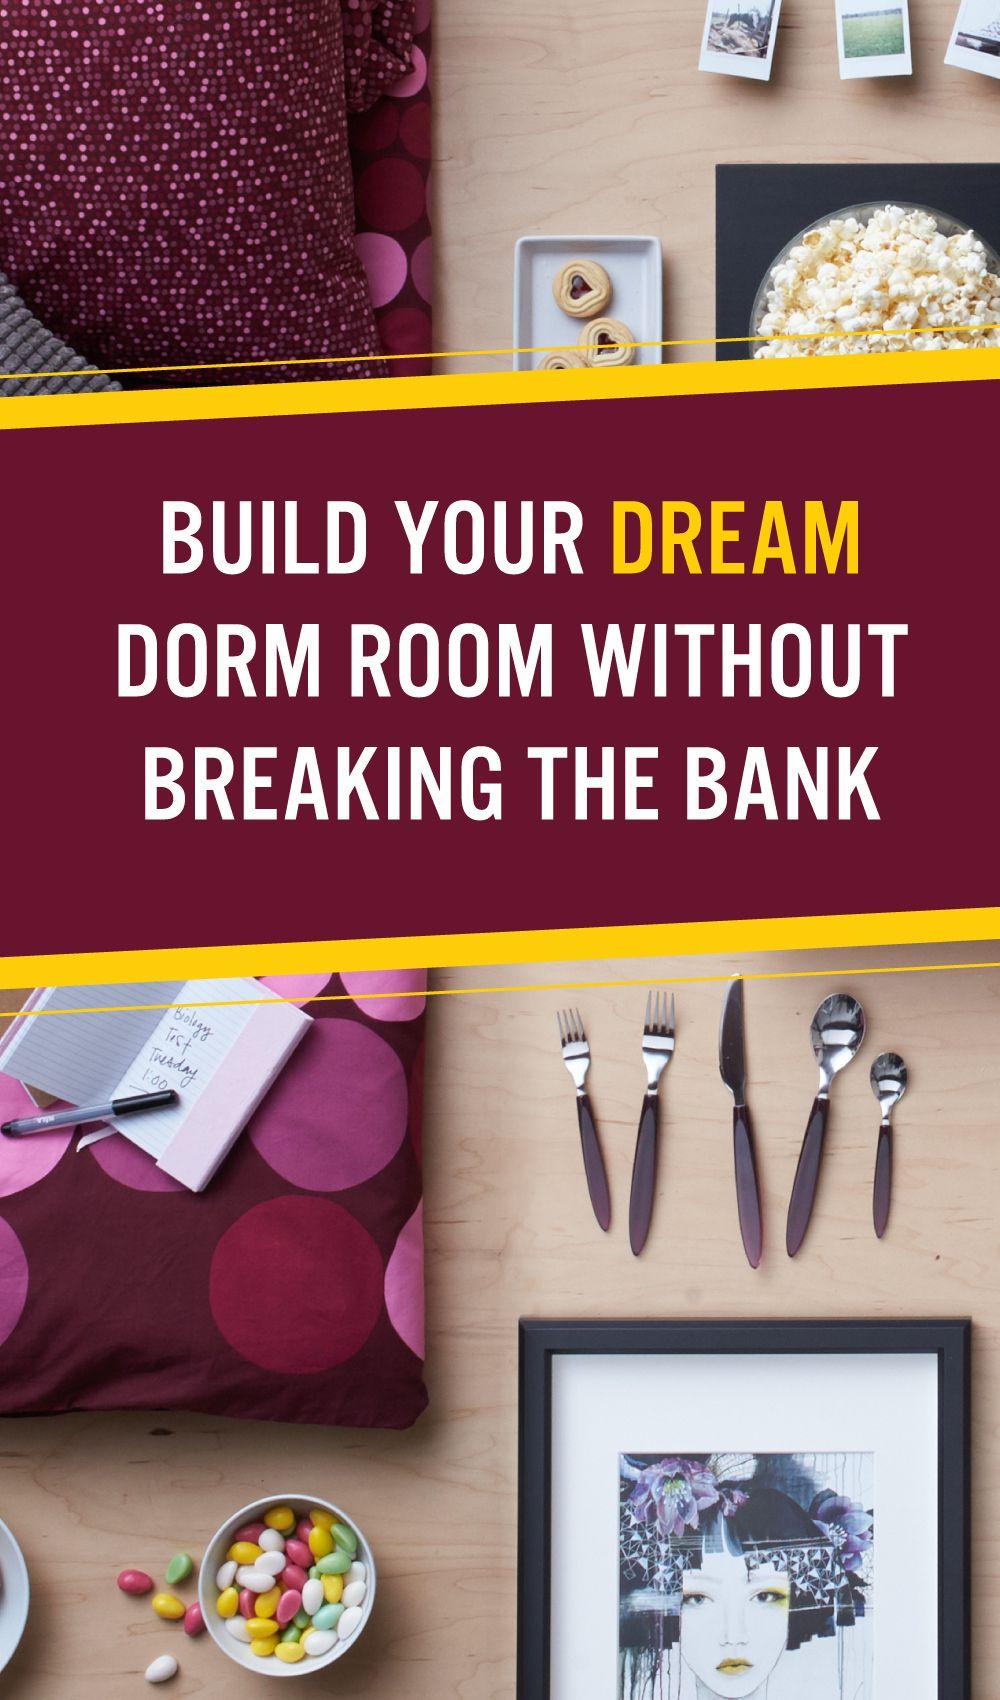 Dream Dorm Room: 6 Ways To Build Your Dream Dorm Room & Not Break The Bank